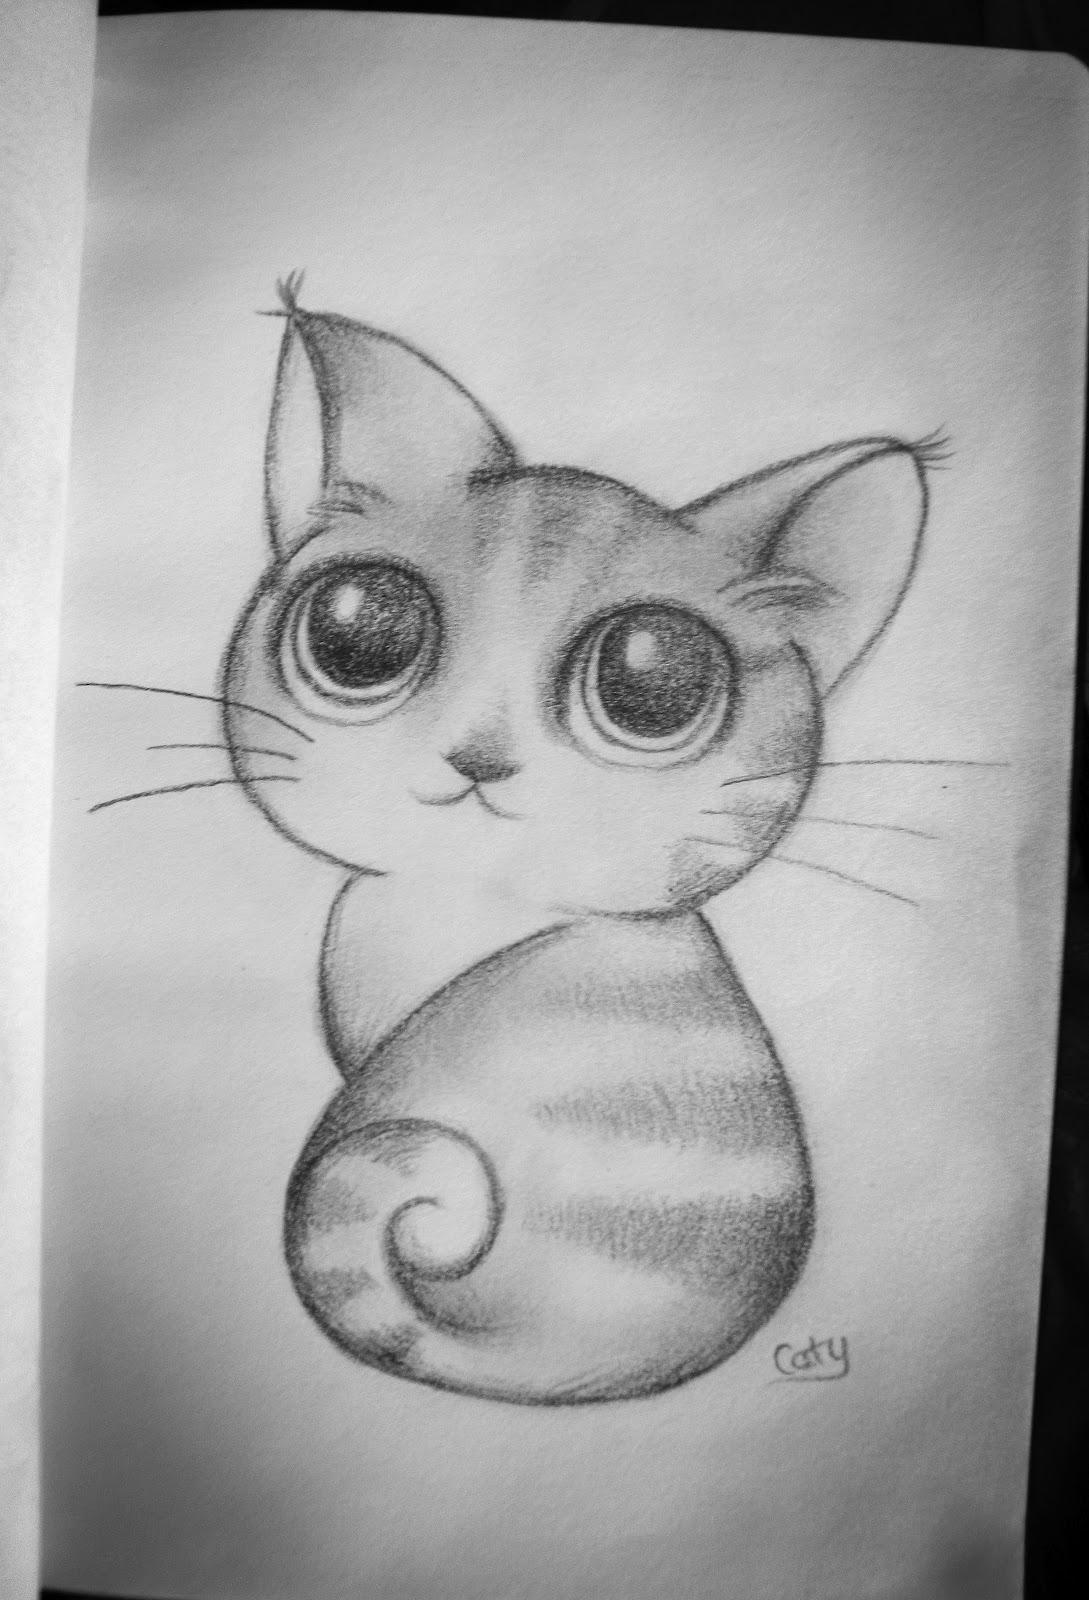 Caty 39 s blog passione disegno for Immagini disegni facili